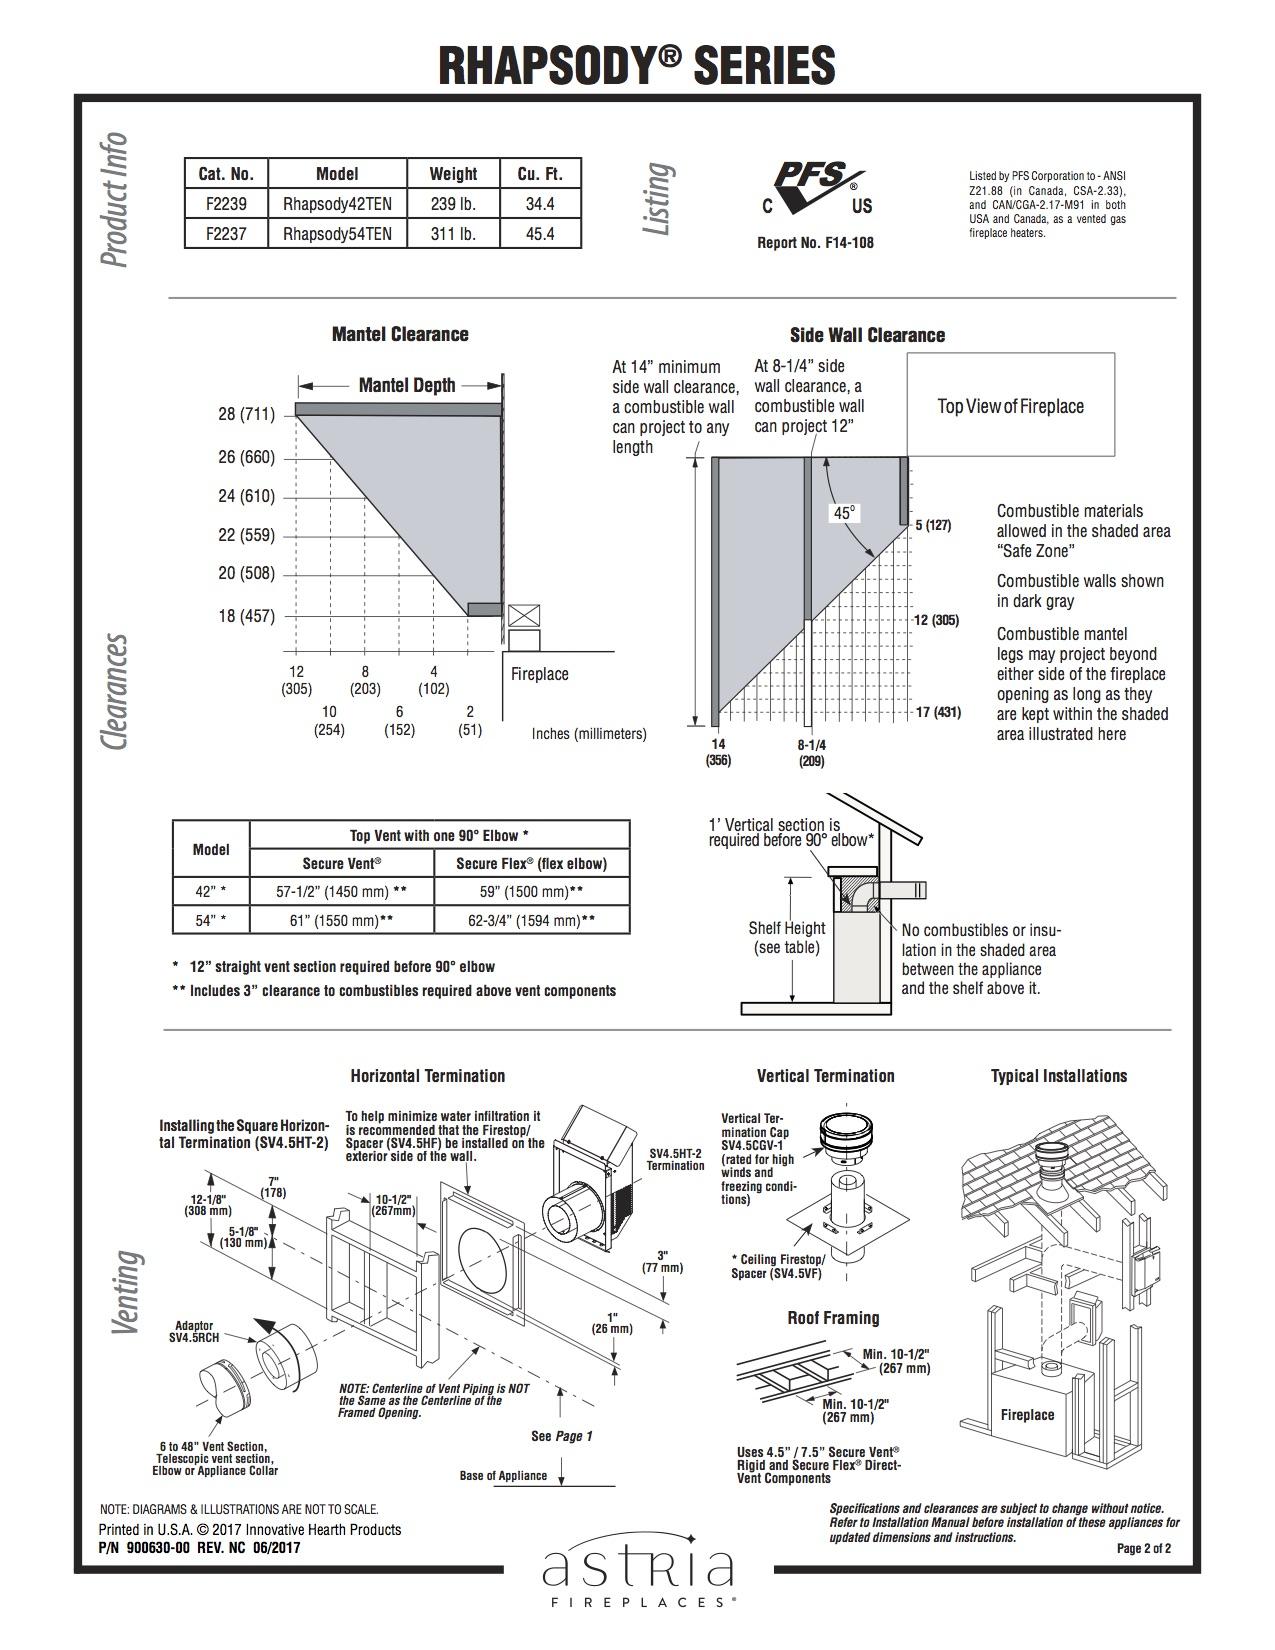 900630-00-nc-ast-rhapsody42-54ten-dv-fireplace-spec-2.jpg